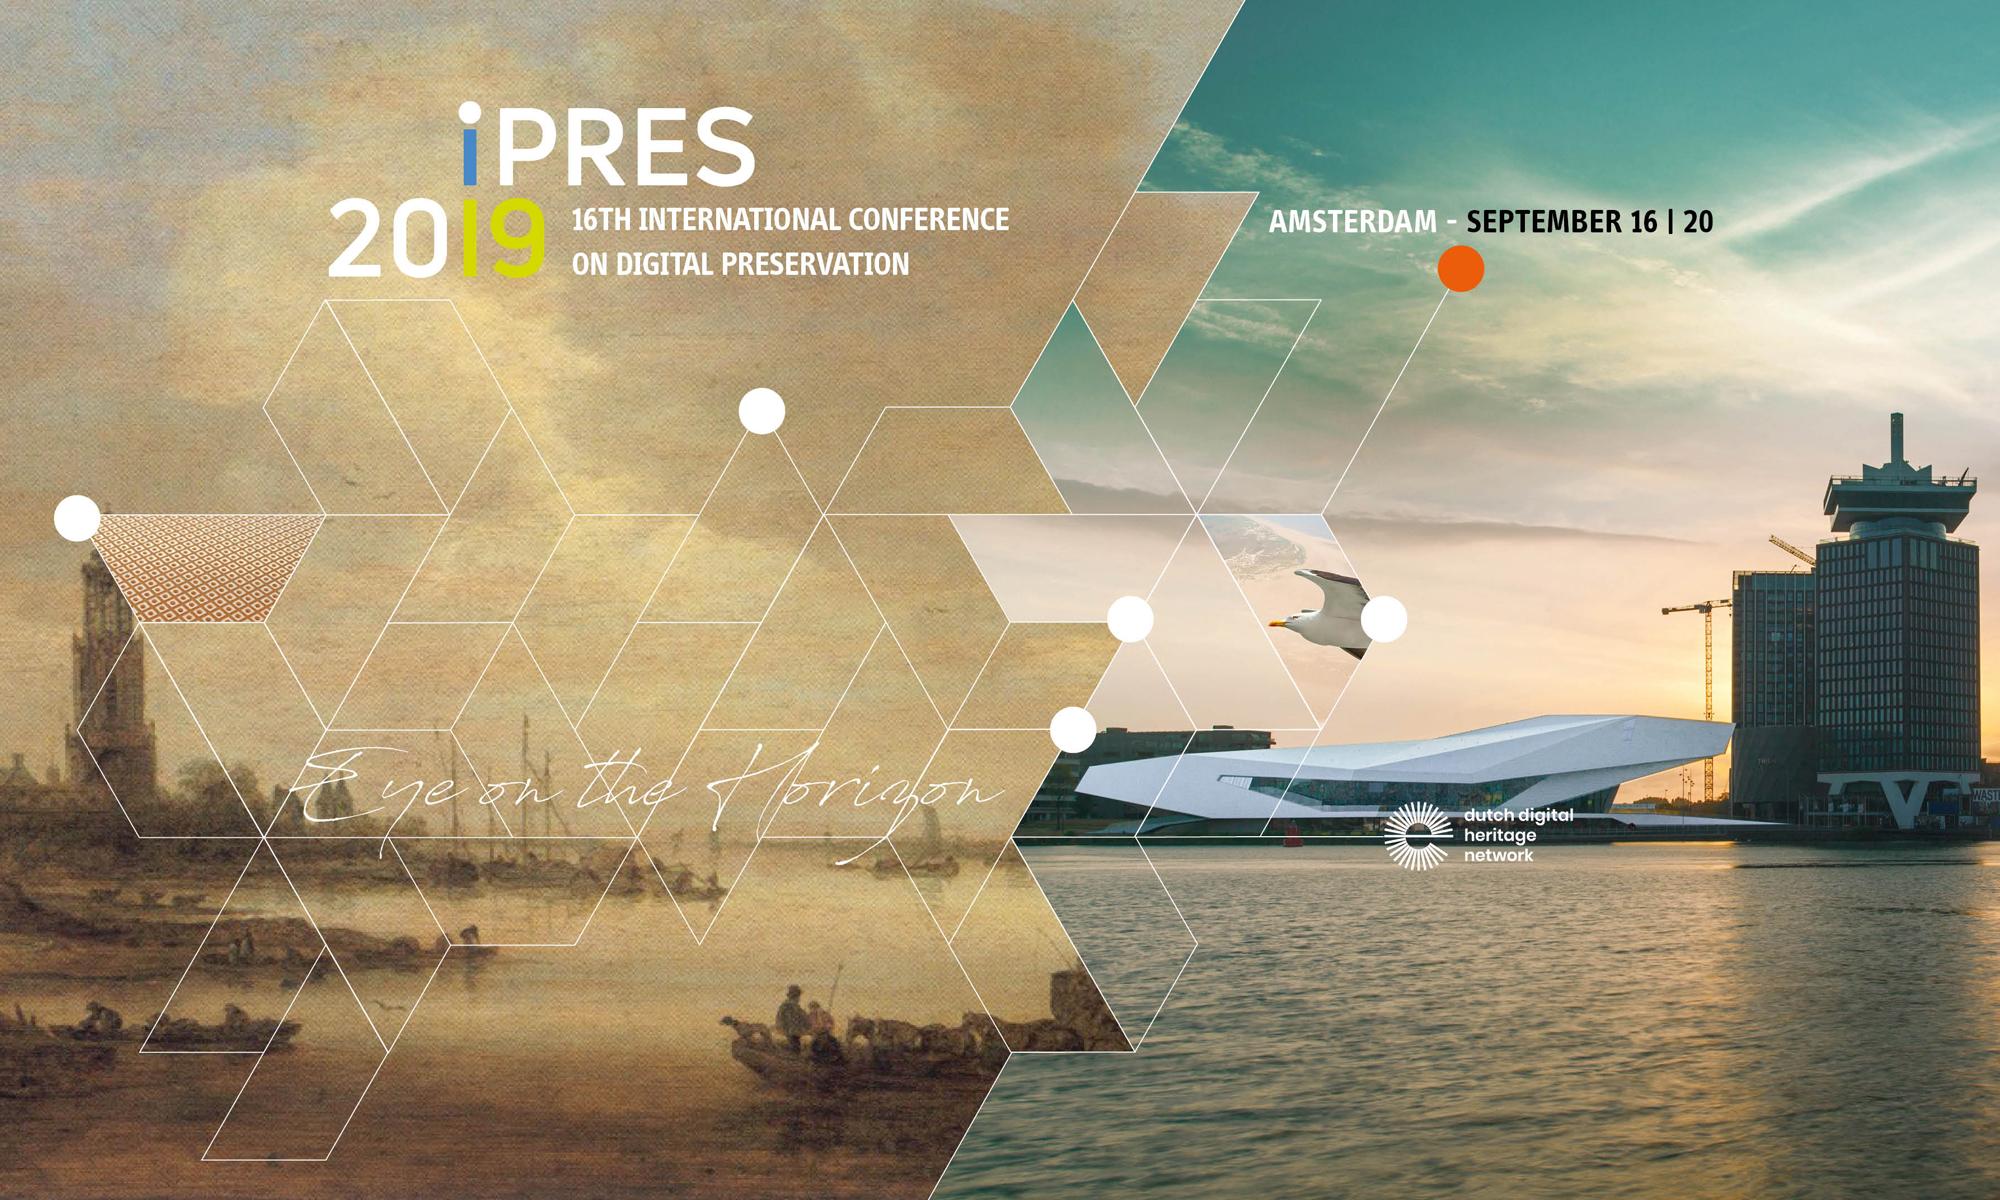 iPRES 2019 Digital Preservation Challenges: The Great Digital Preservation Bake-Off